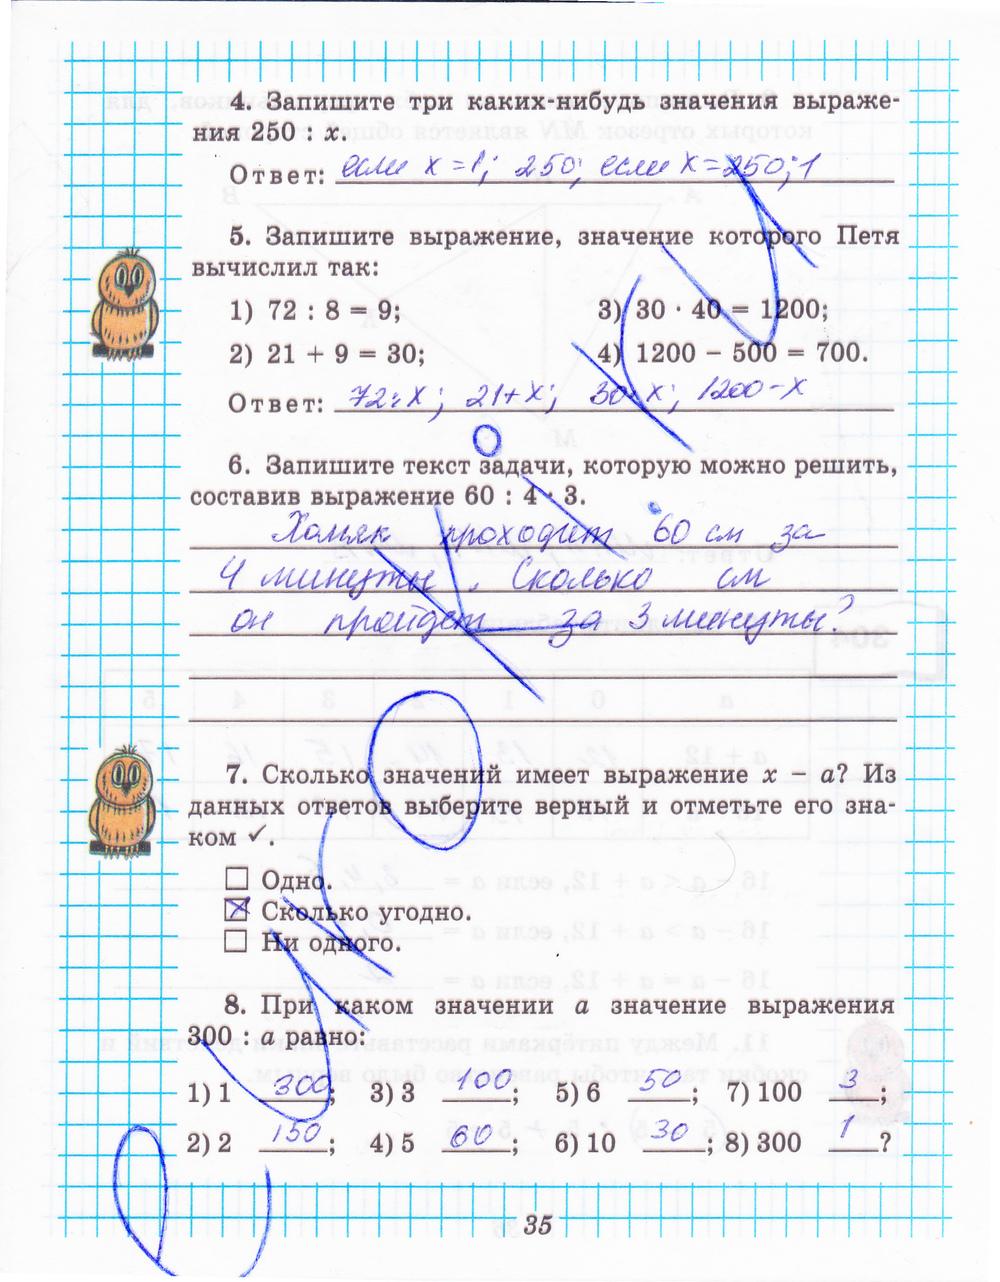 ГДЗ по математике 5 класс рабочая тетрадь Рудницкая Часть 1, 2. Задание: стр. 35